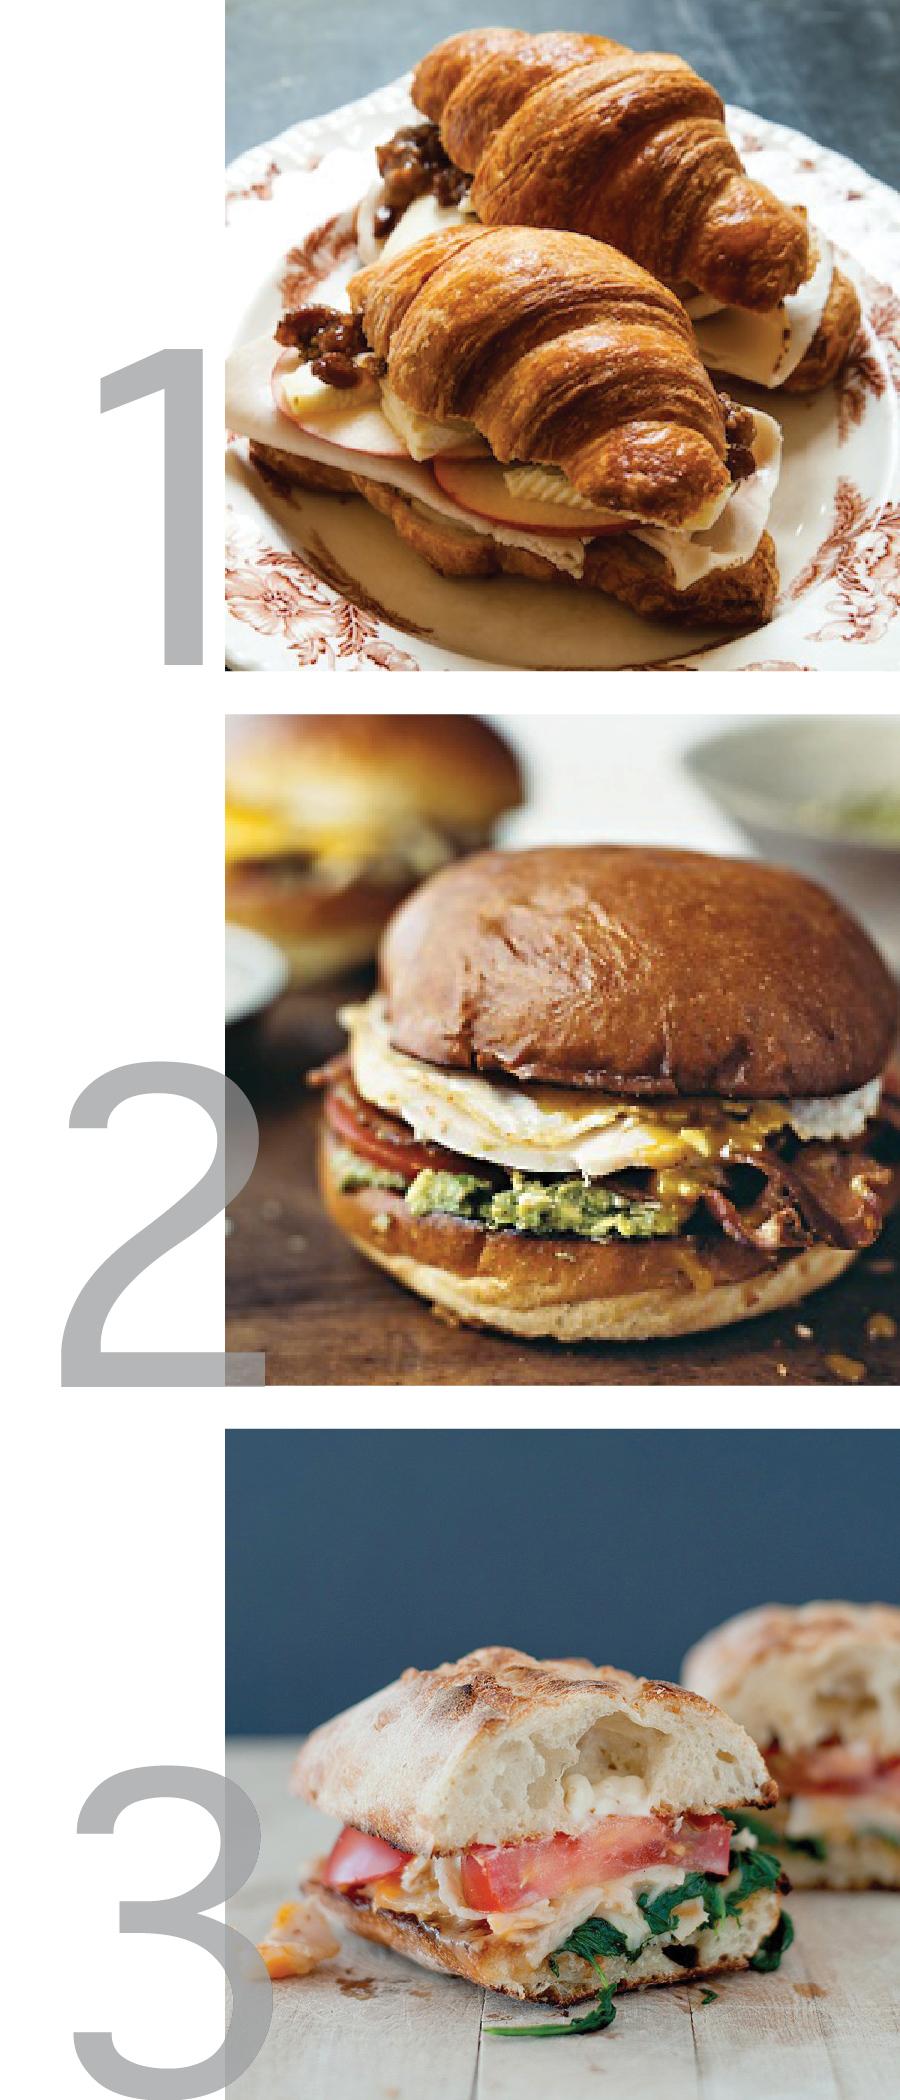 Weekly Pinspiration: Turkey Sandwiches